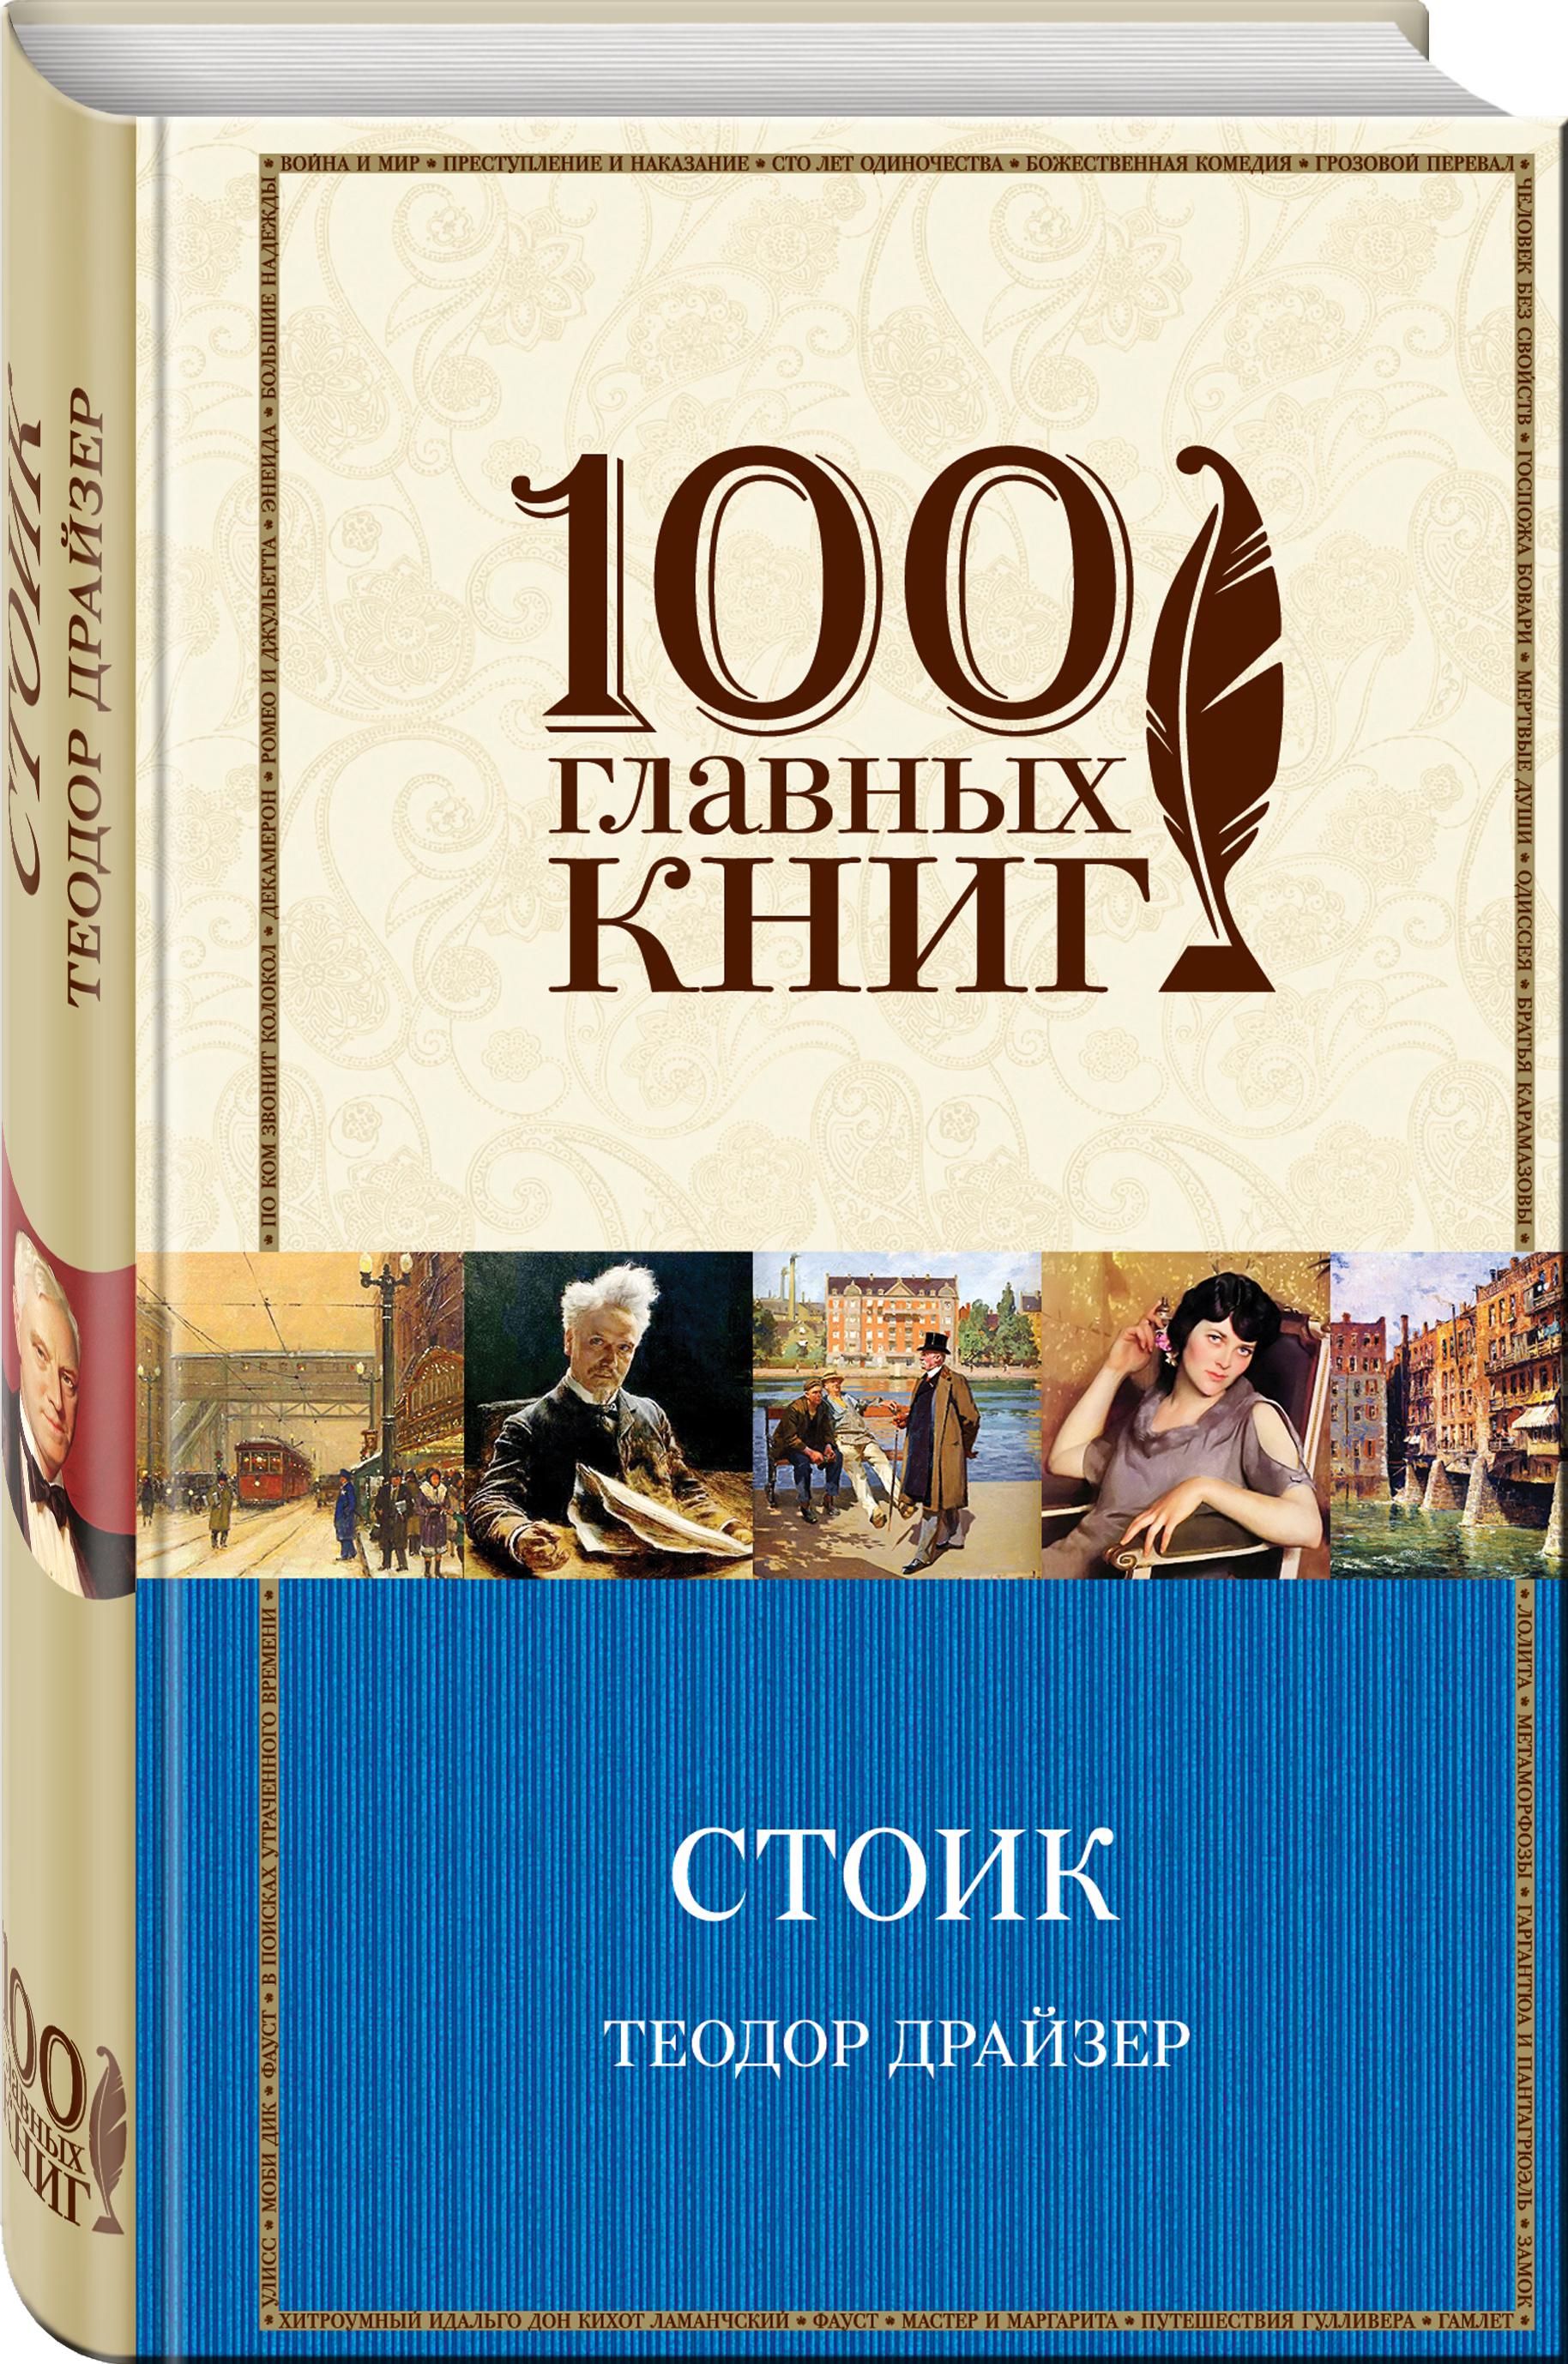 Теодор Драйзер Стоик теодор драйзер теодор драйзер избранные сочинения в 4 томах комплект